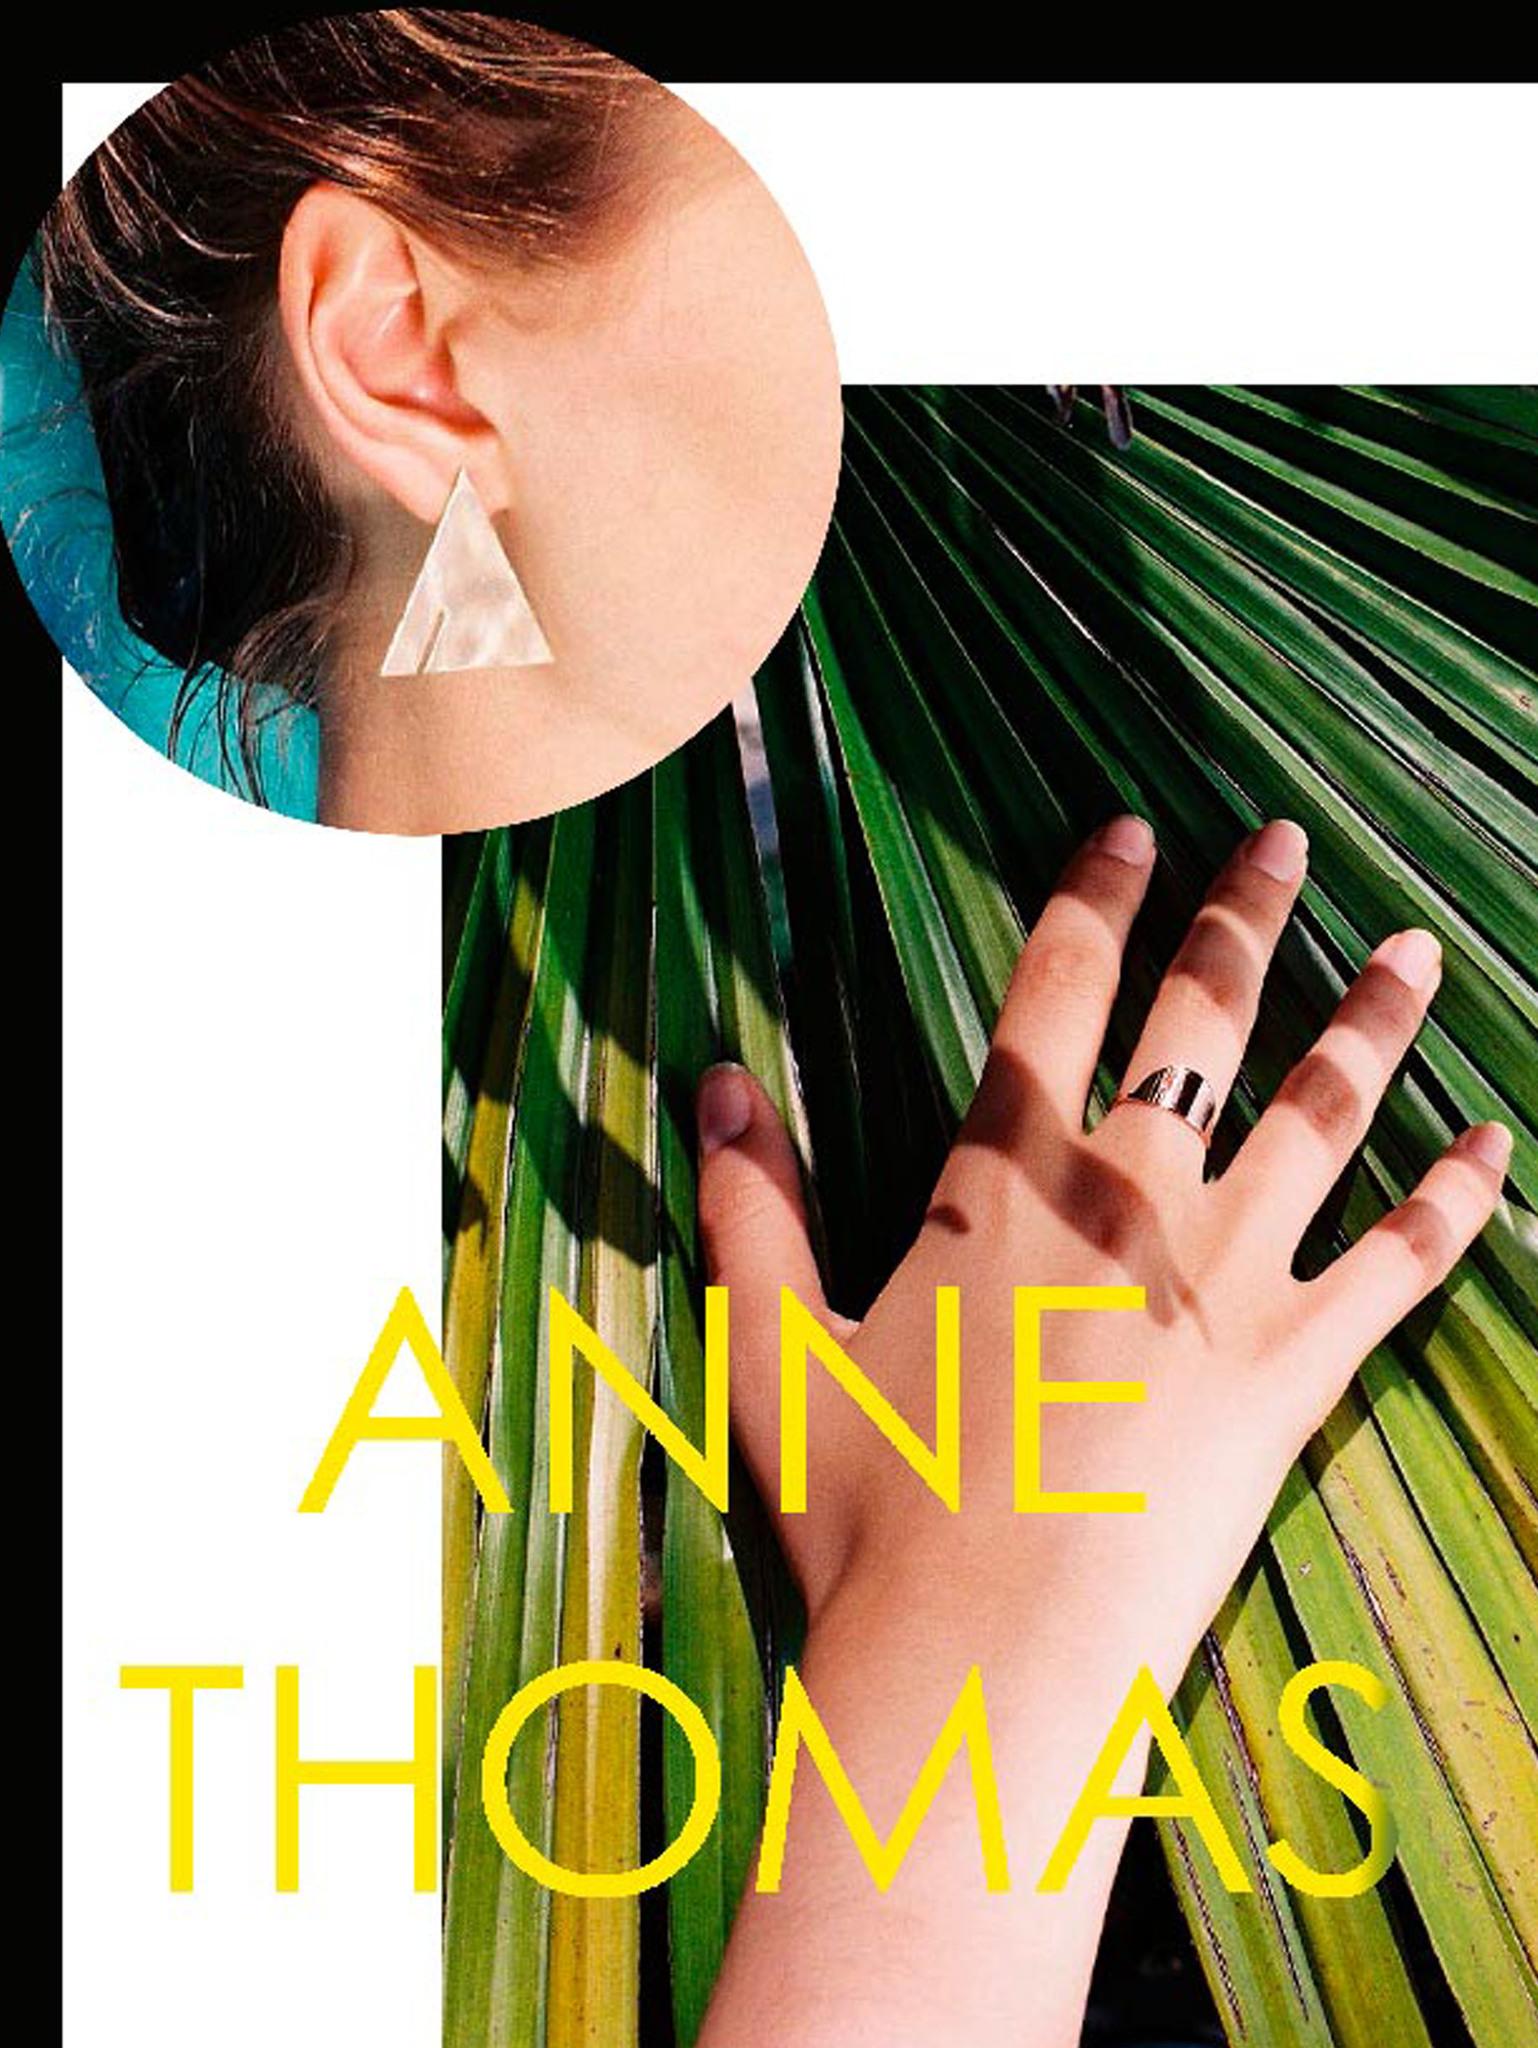 Французский бренд Anne Thomas с коллекцией весна-лето 2016 в MODBRAND.ru